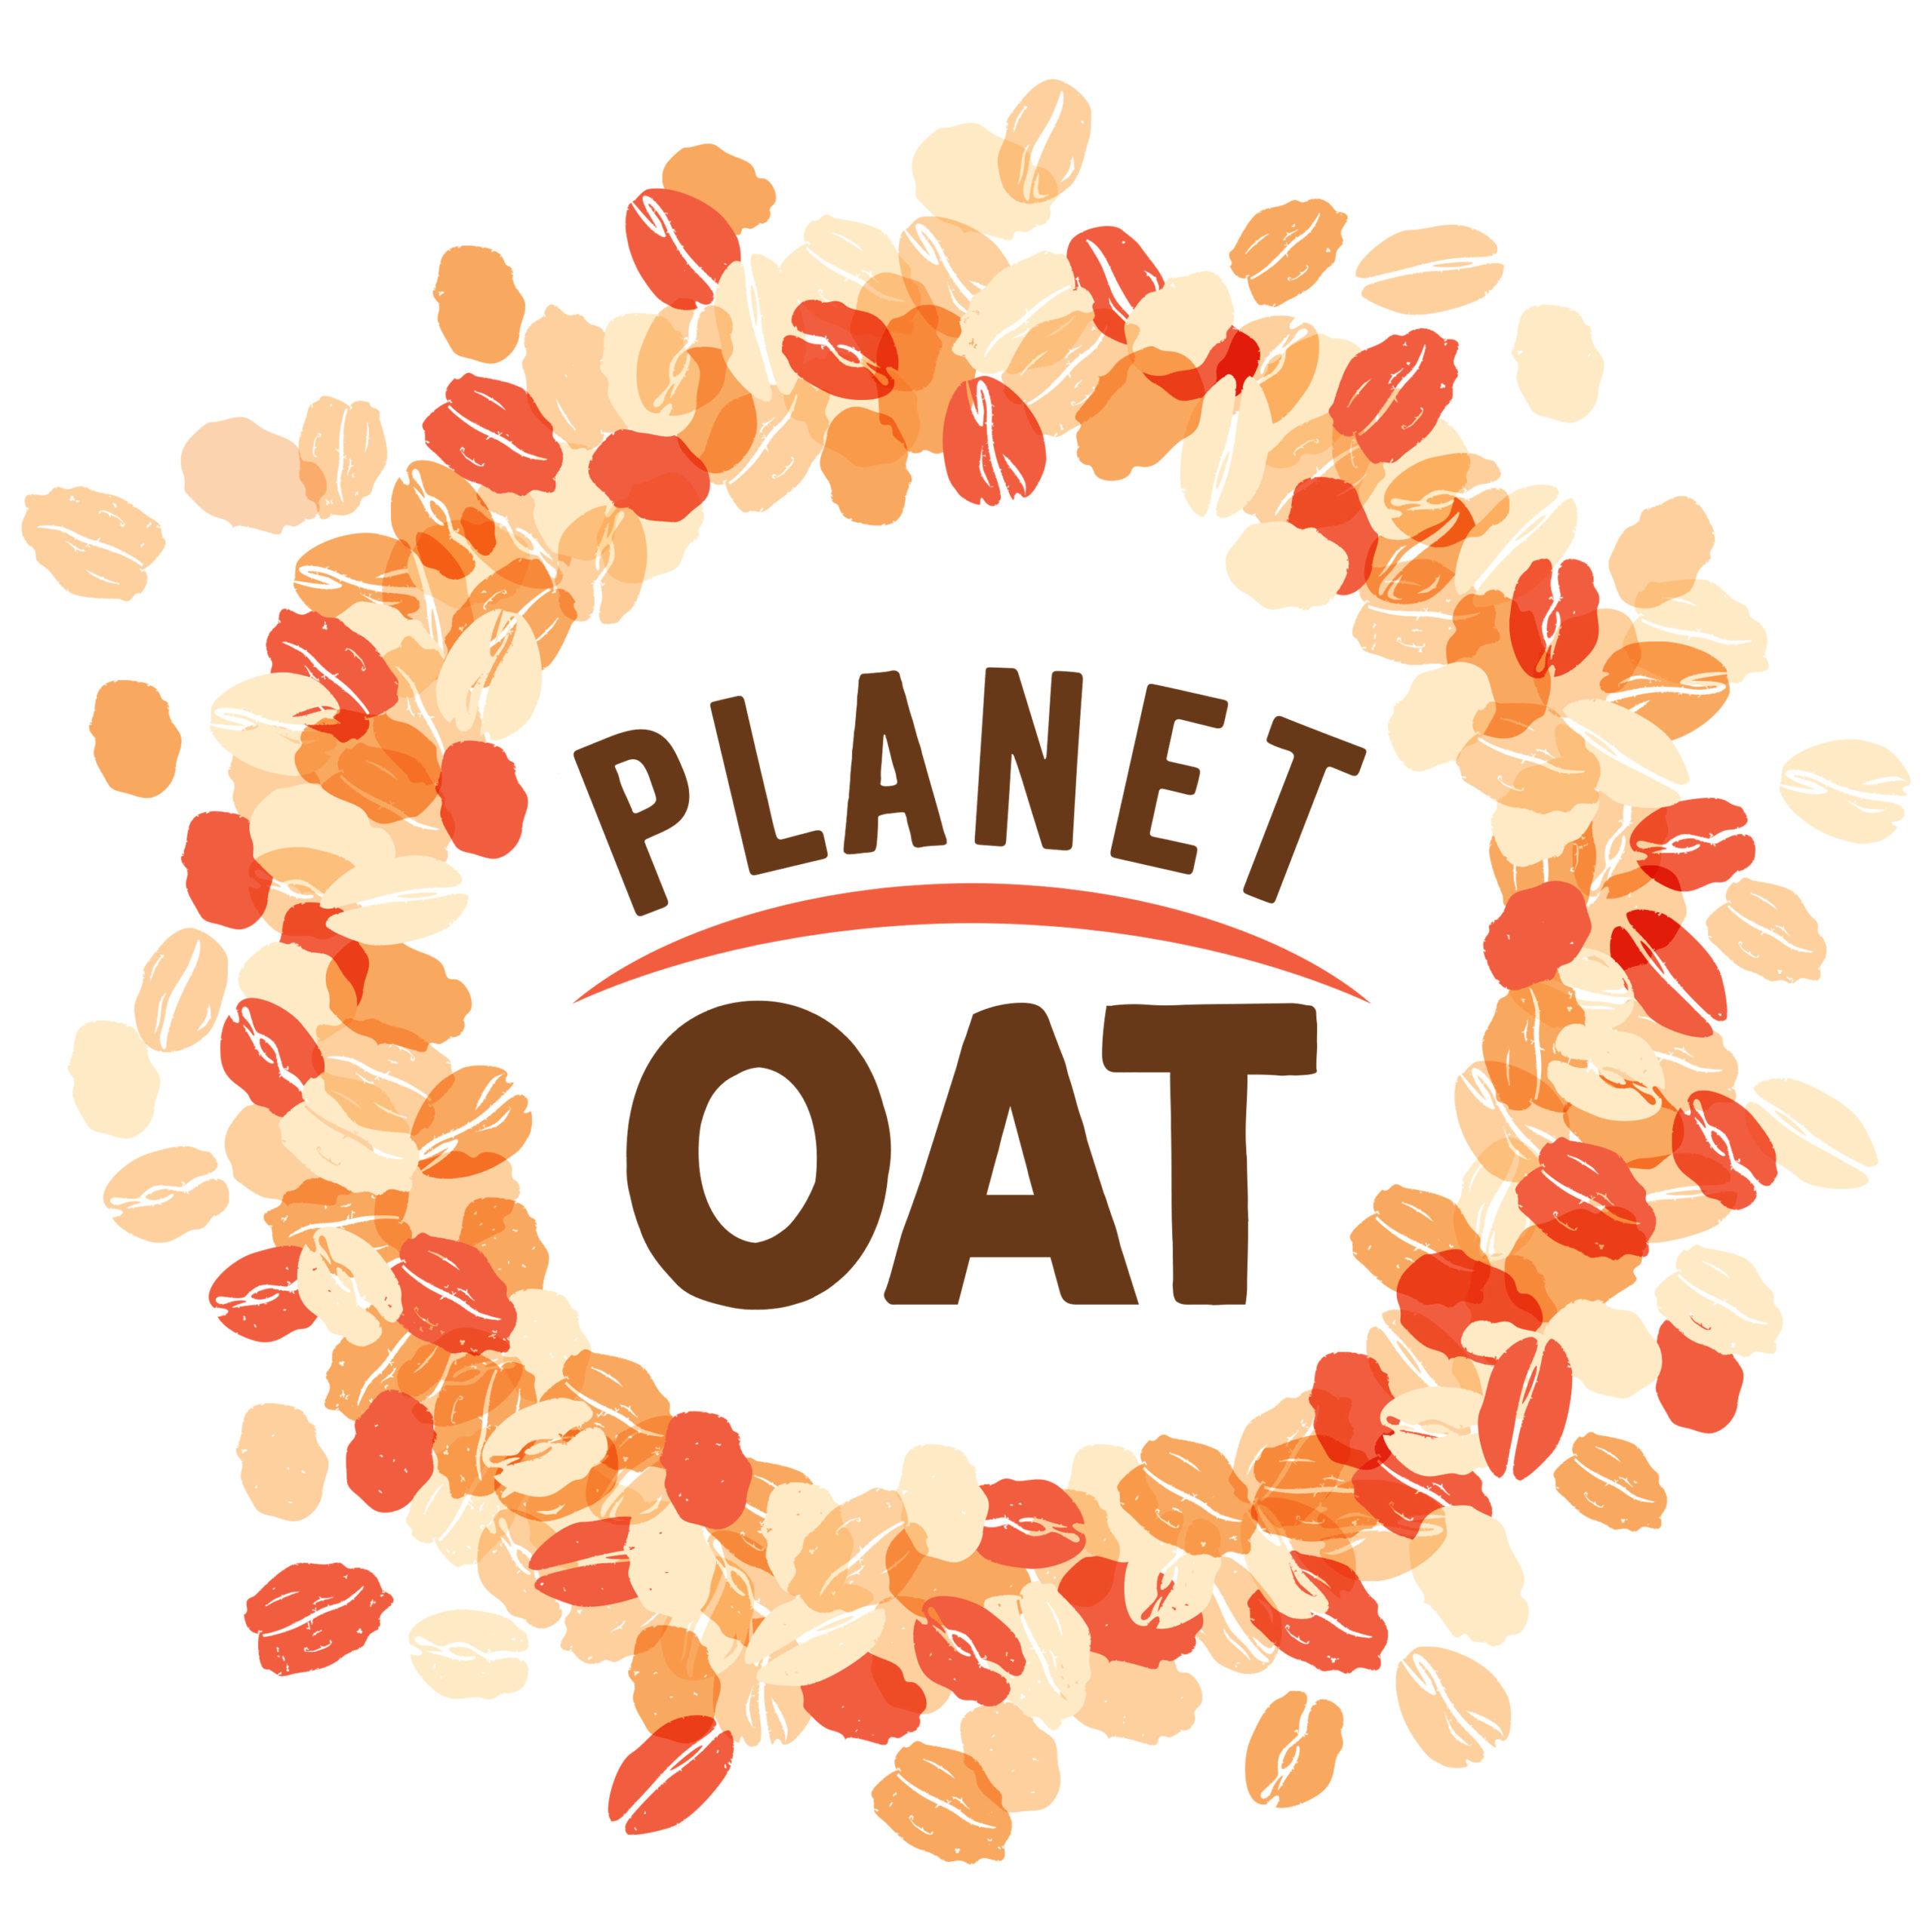 Planet Oat 2020 logo